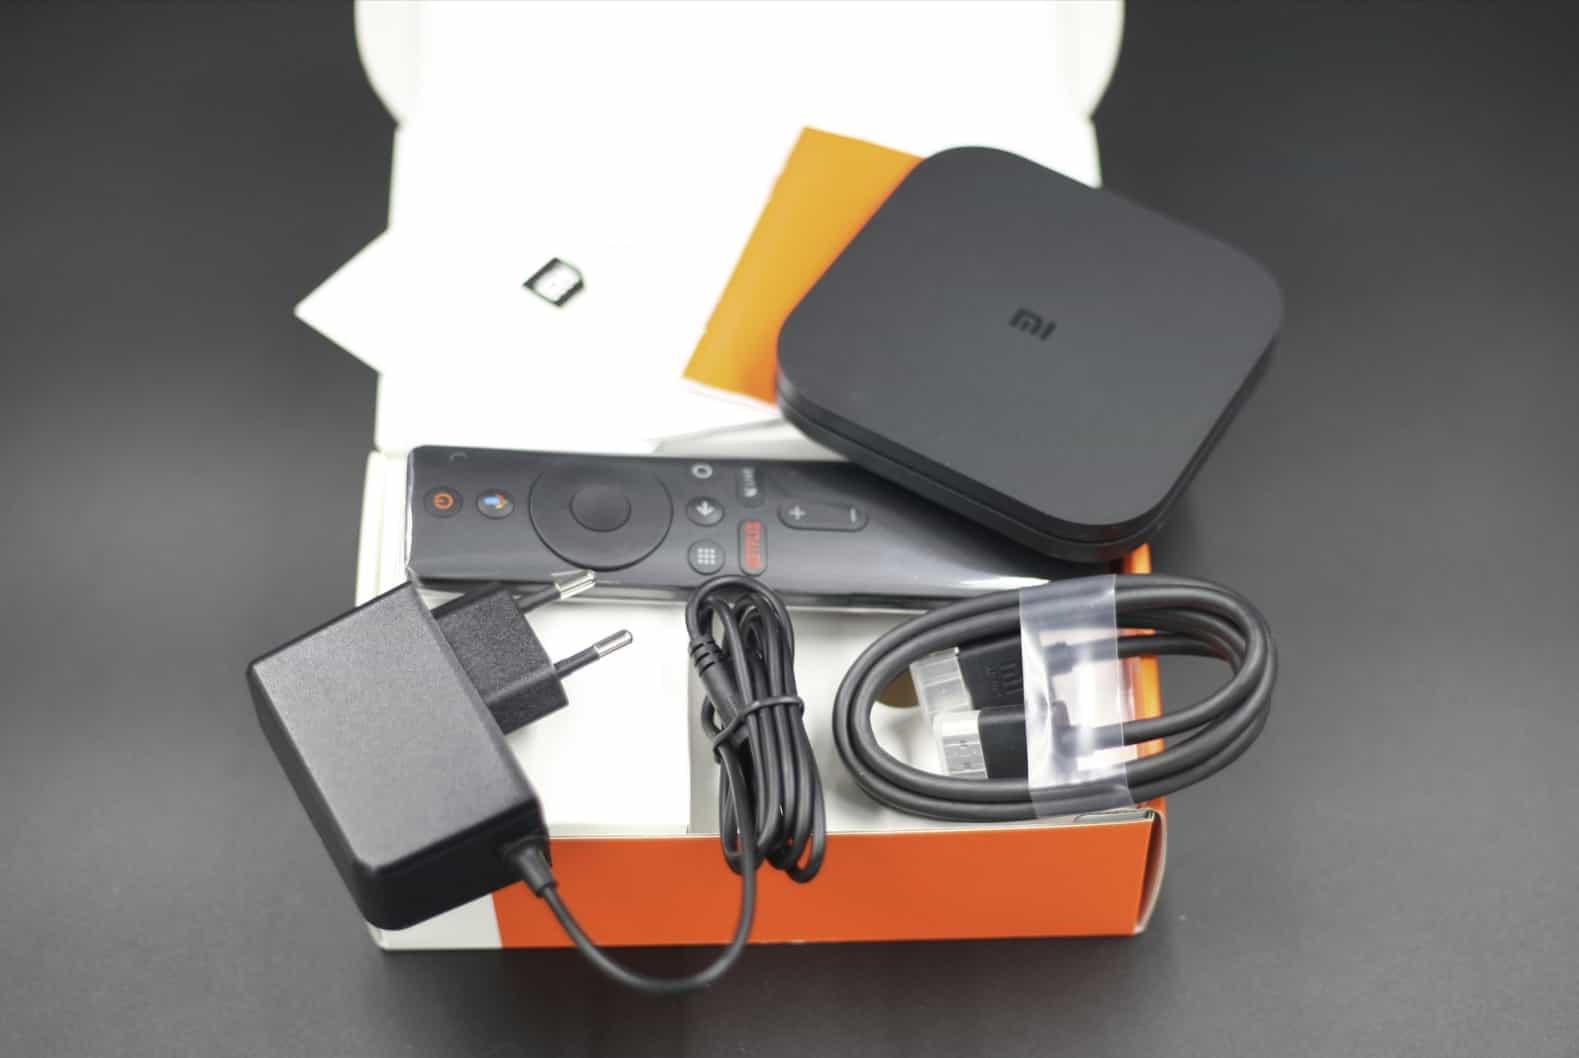 Смарт-ТВ приставка Xiaomi Mi Box S